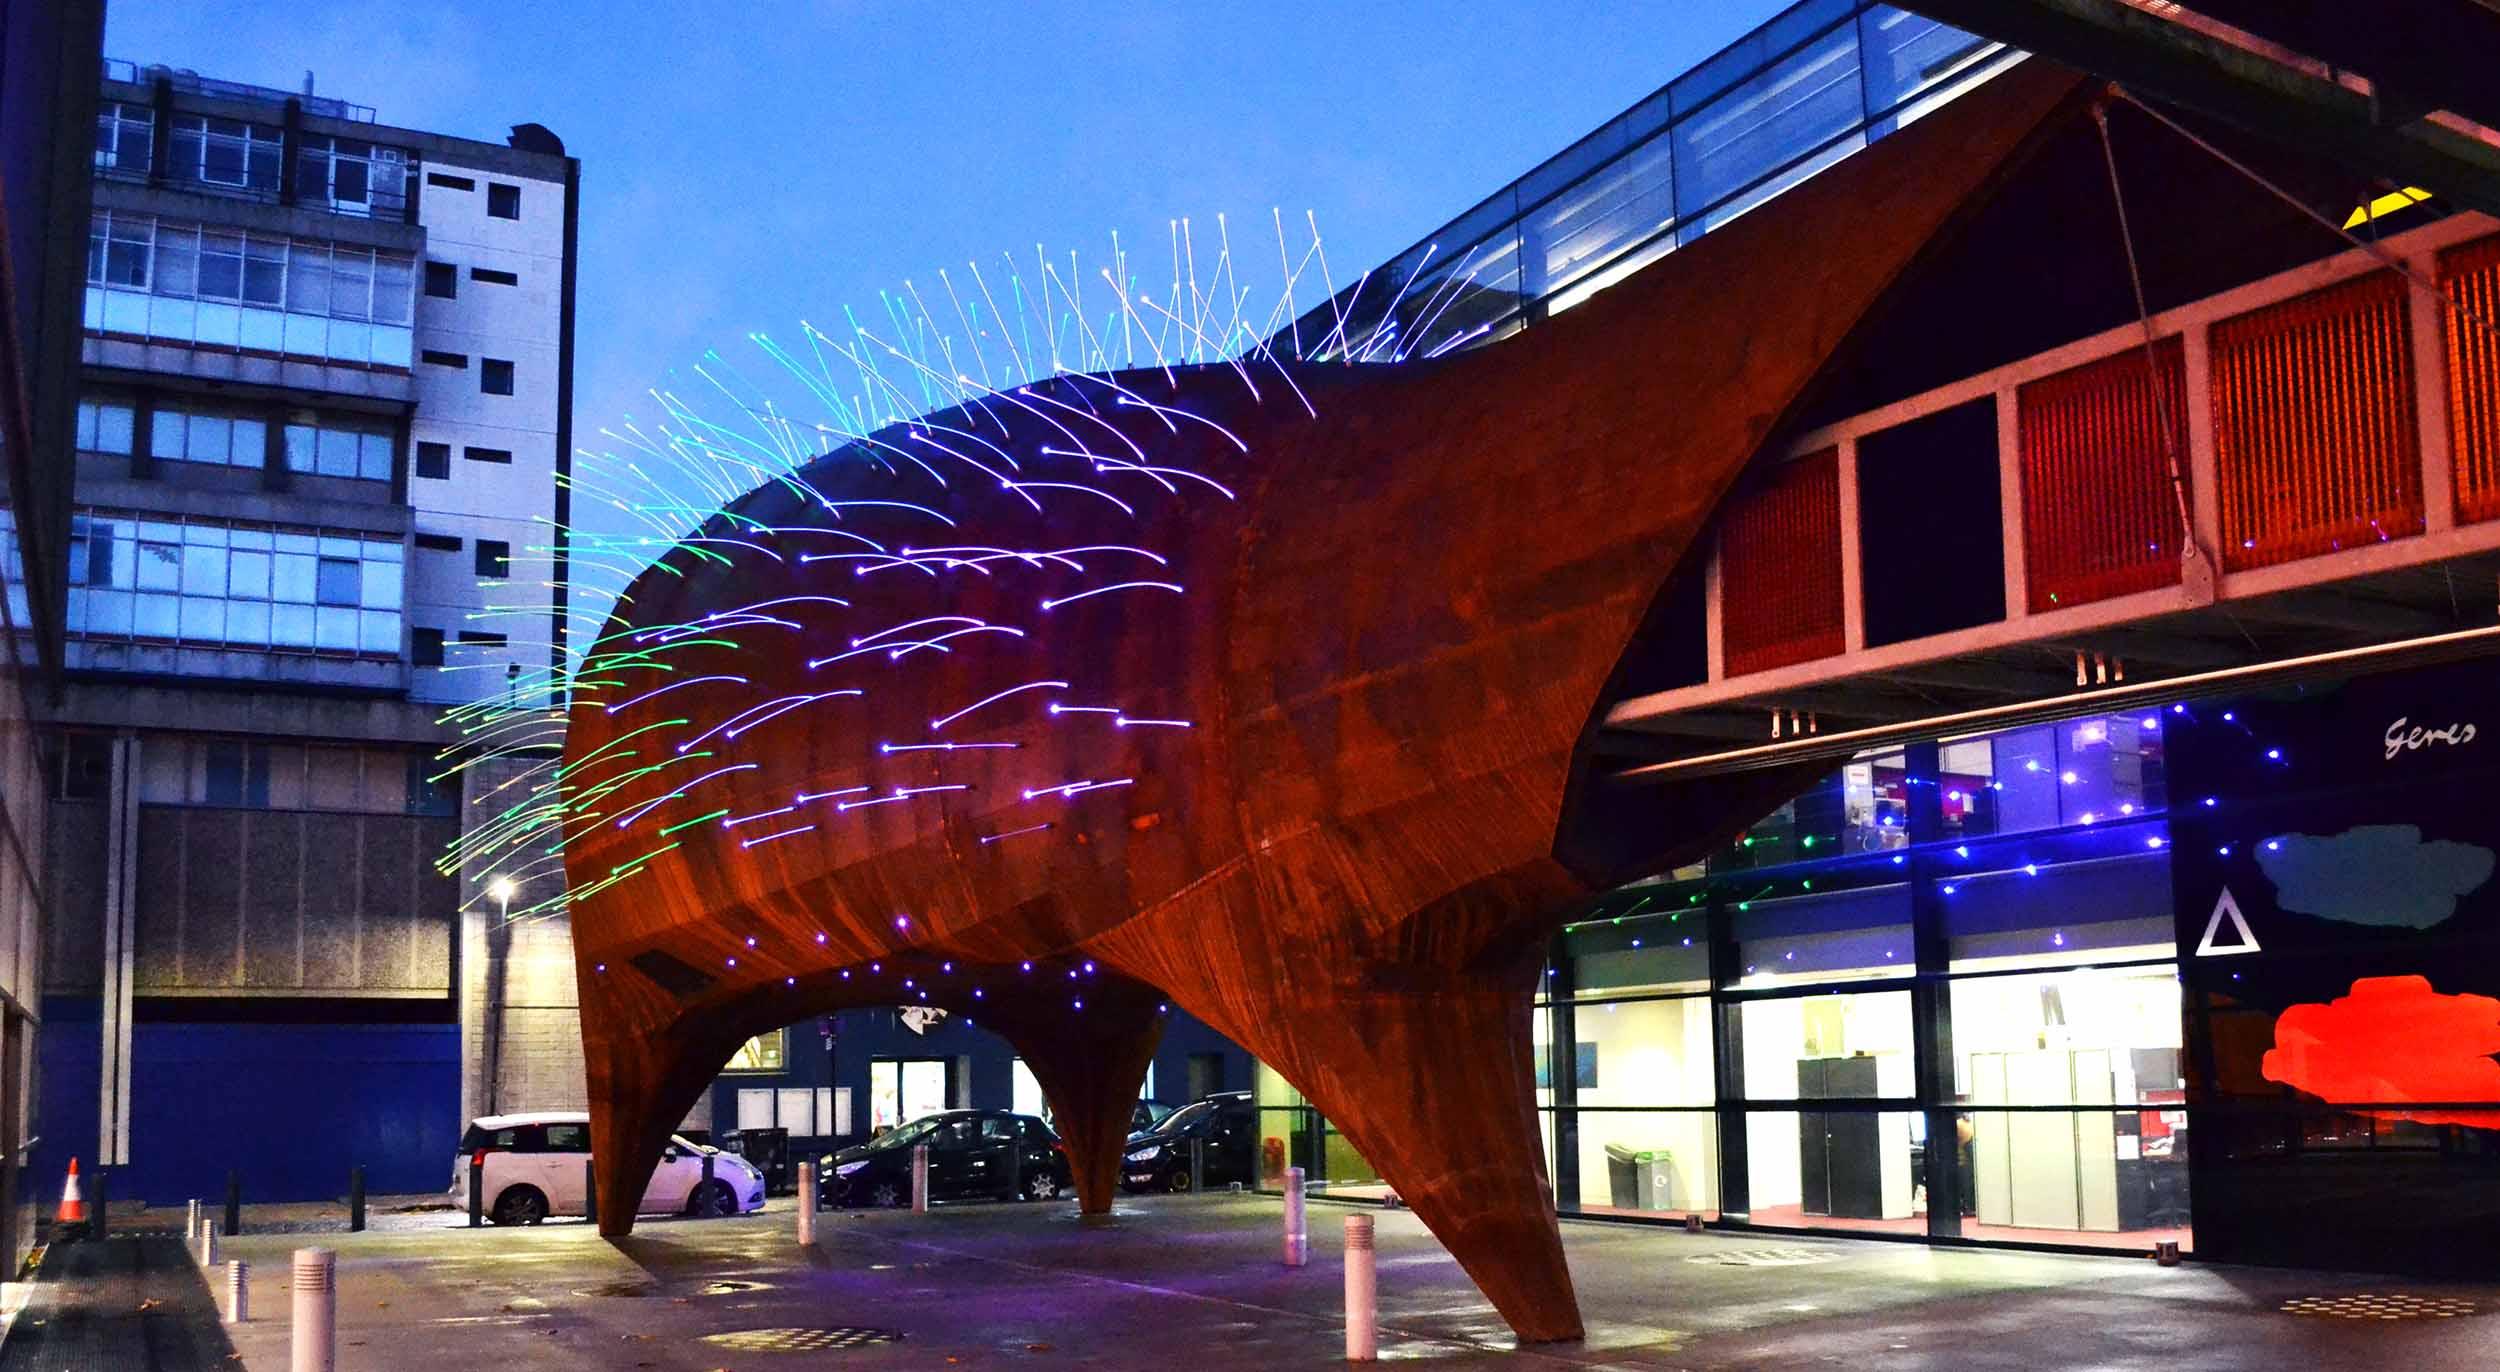 Neuron Pod - Sculptural Architecture